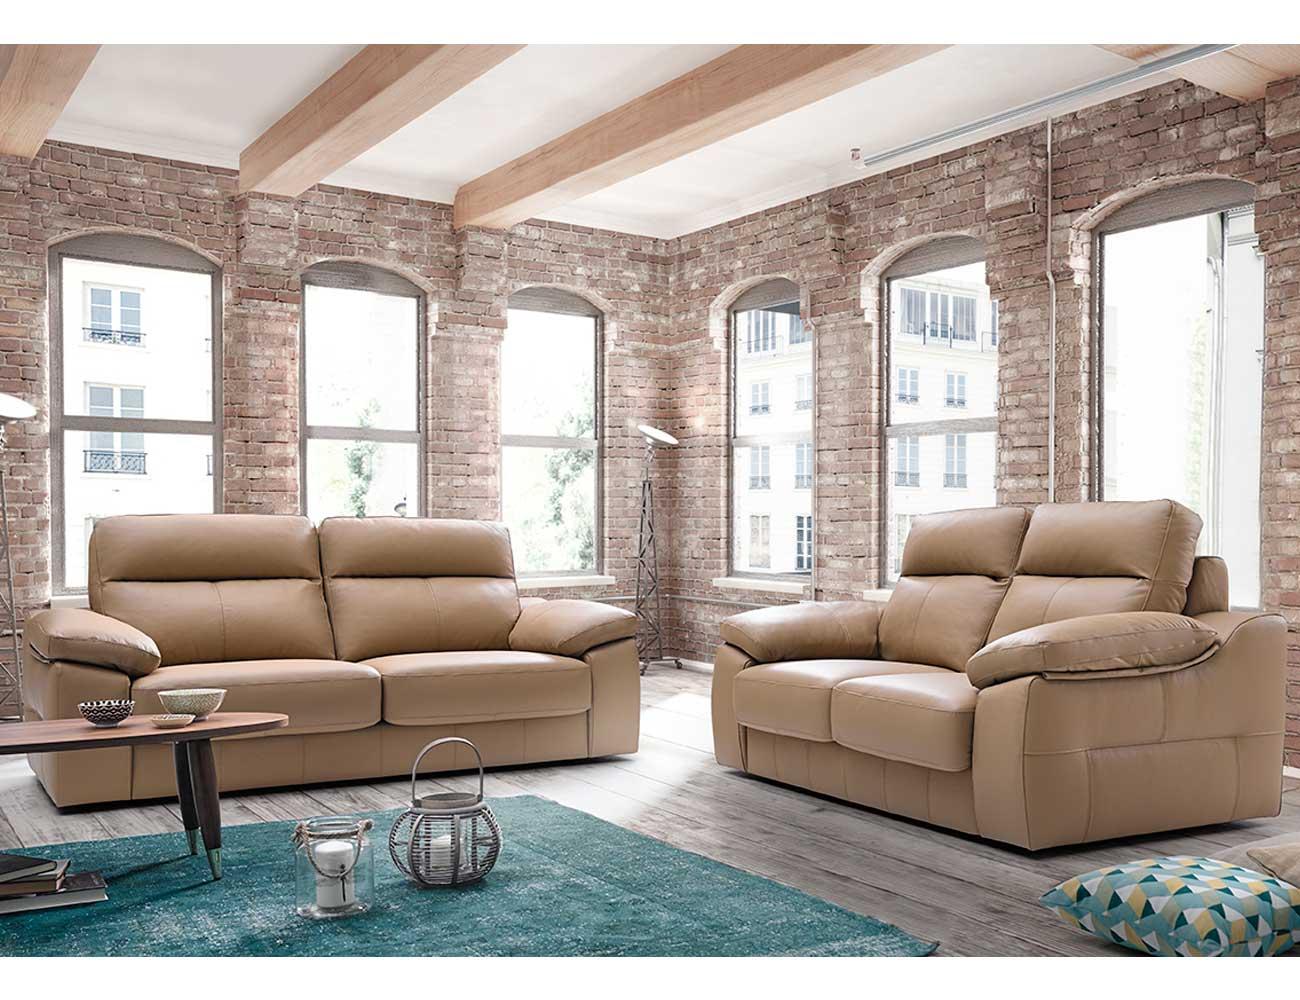 Sofa pedro ortiz piel 3 plazas 2